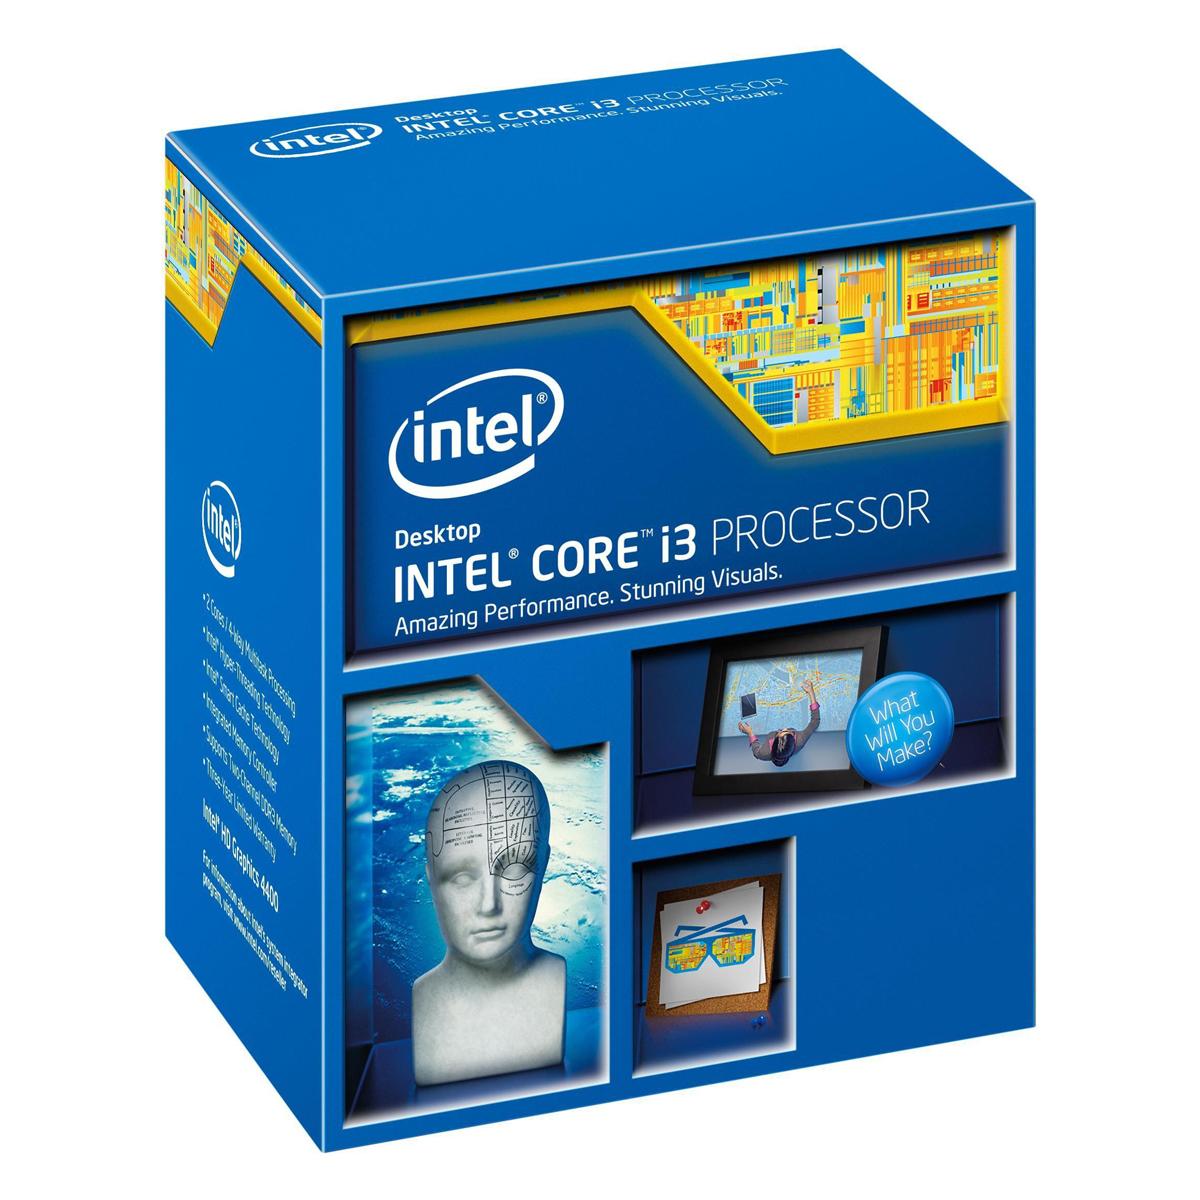 Bộ Vi Xử Lý Intel Core i3-4350 3.6GHz - Hàng Nhập Khẩu